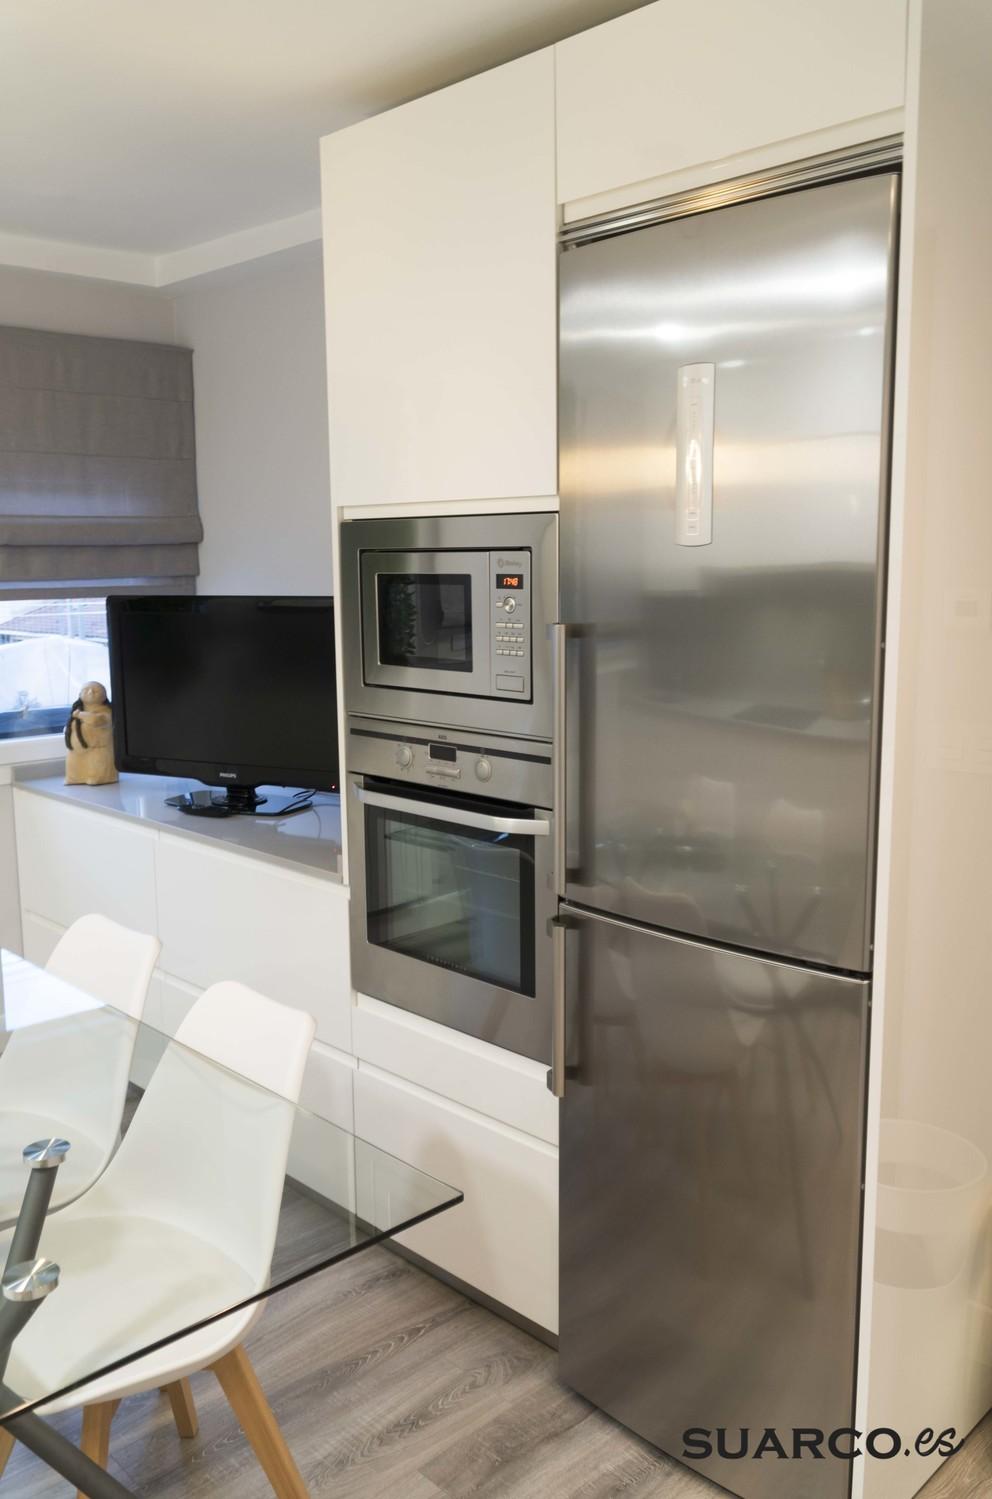 Cocina Blanca moderna con mesa de comedor  Cocinas Suarco